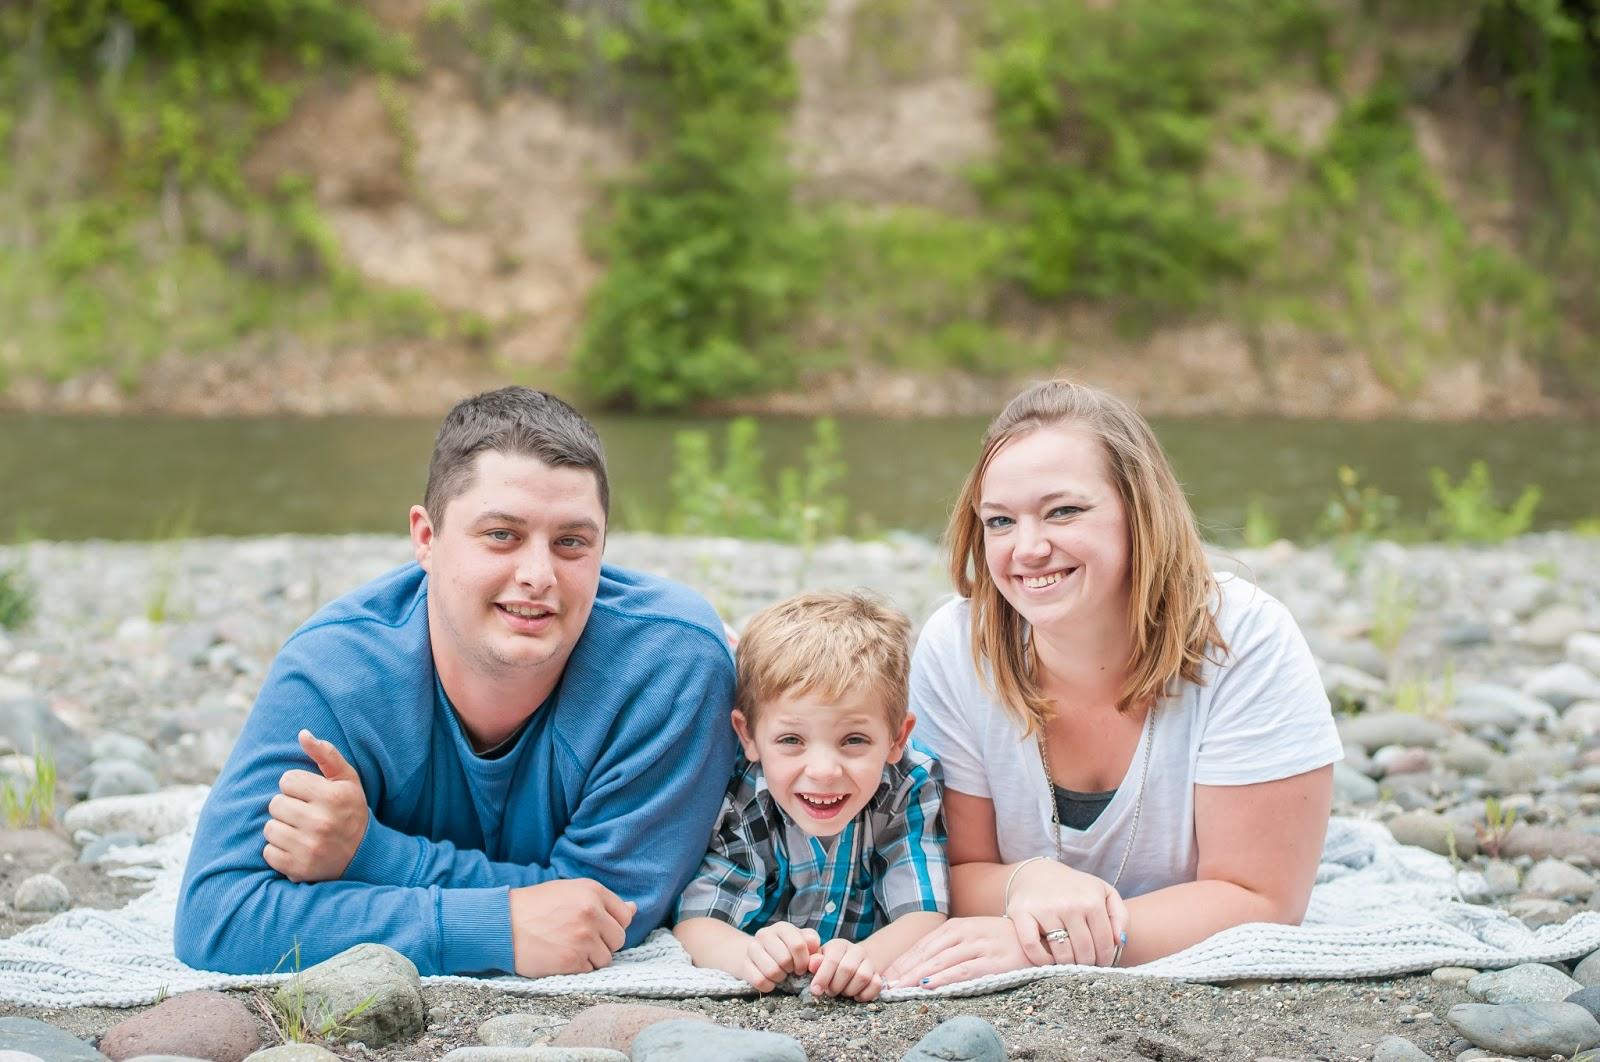 Aberdeen Family Photographer - Judy Laing Photography |Outdoor Family Photography